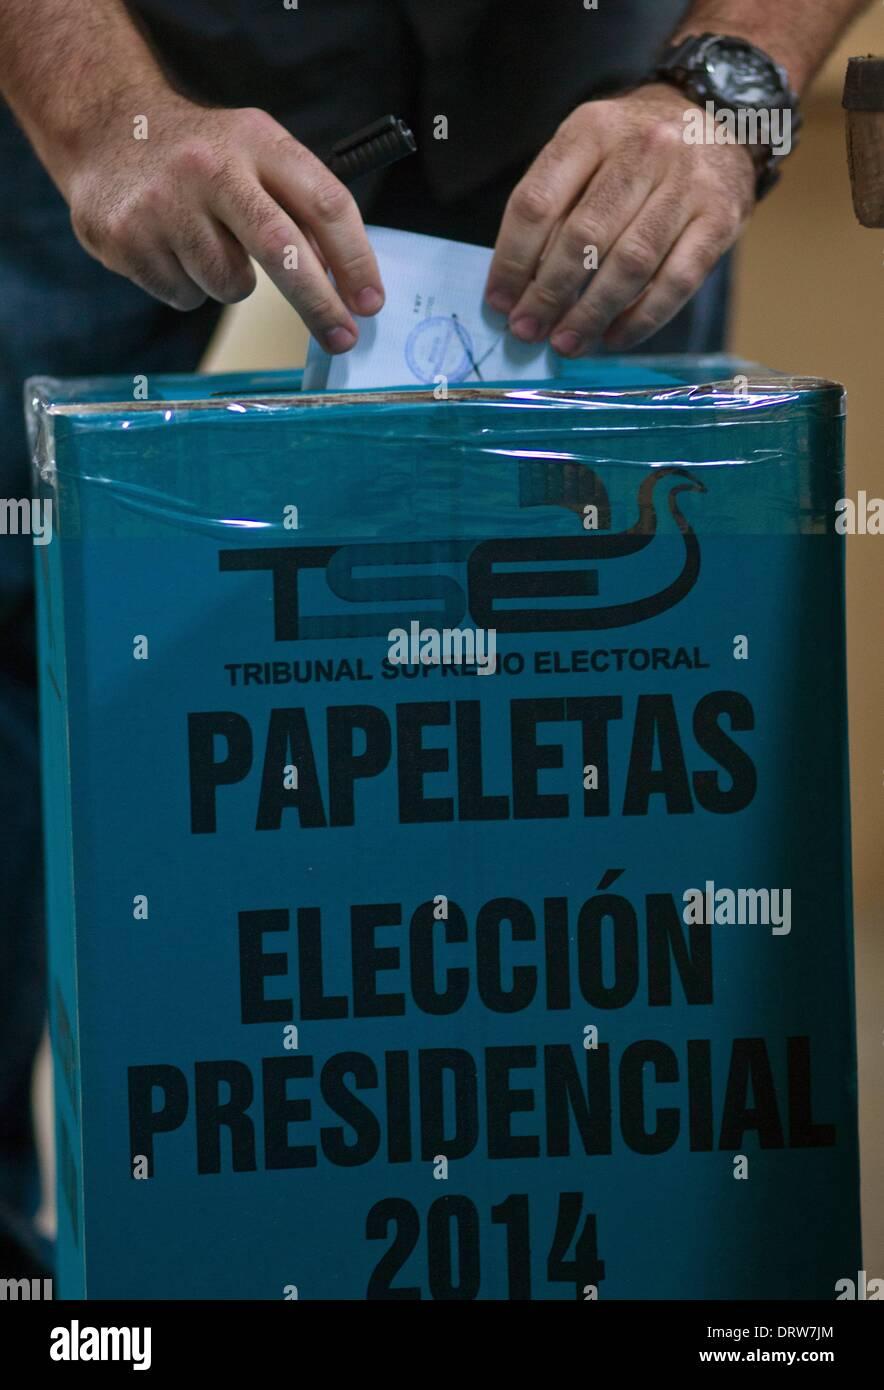 San Salvador El 2 De Febrero El 1 De Junio De 2014 Un Ciudadano Arroja Su Voto Durante Las Elecciones Presidenciales En El Centro De Convenciones En San Salvador Capital De El